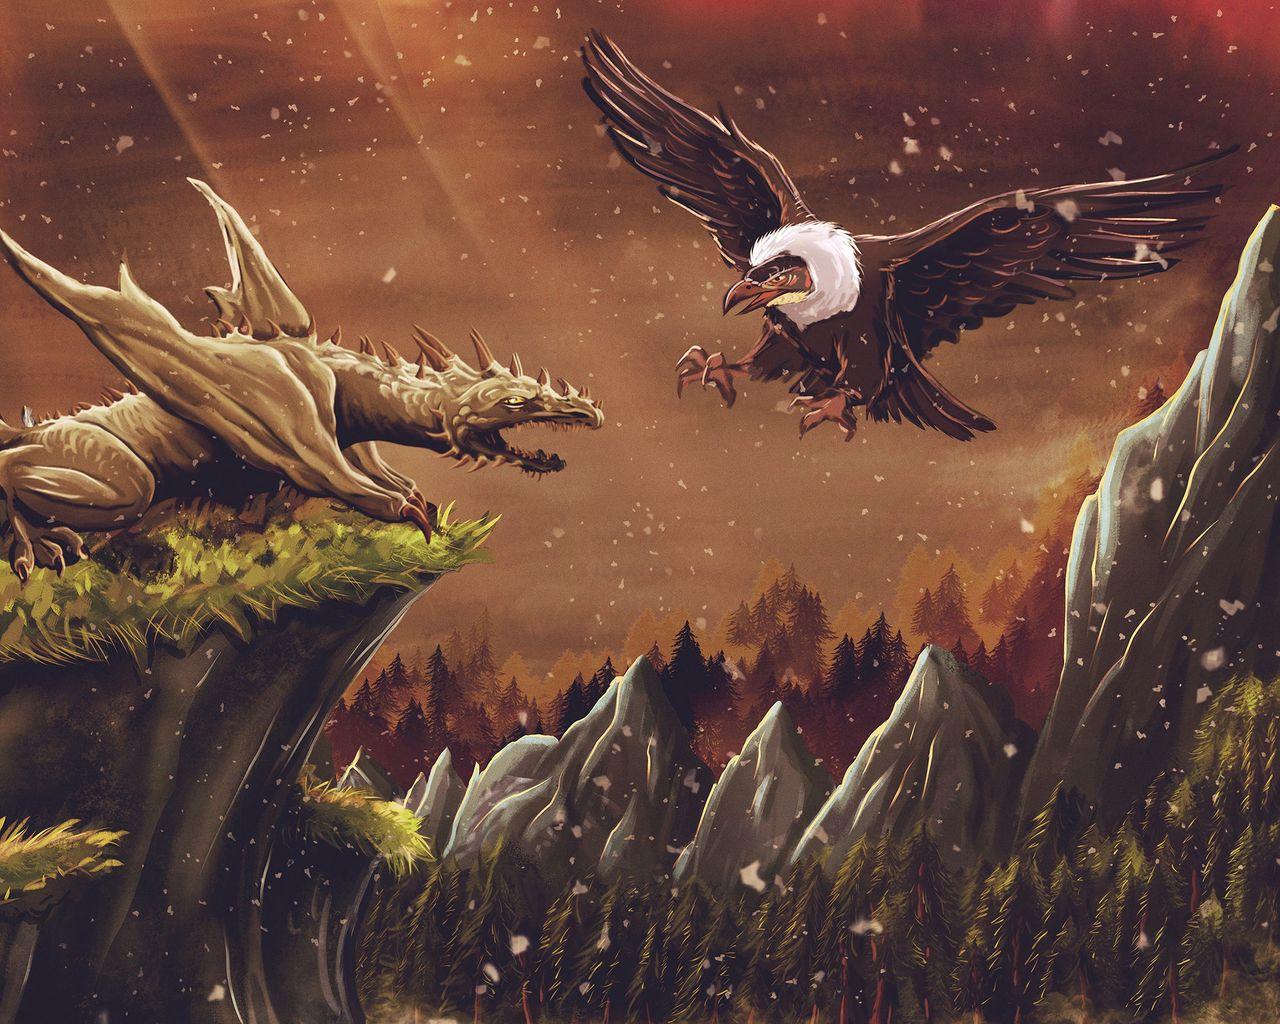 1280x1024 Wallpaper dragon, vulture, bird, art, fiction